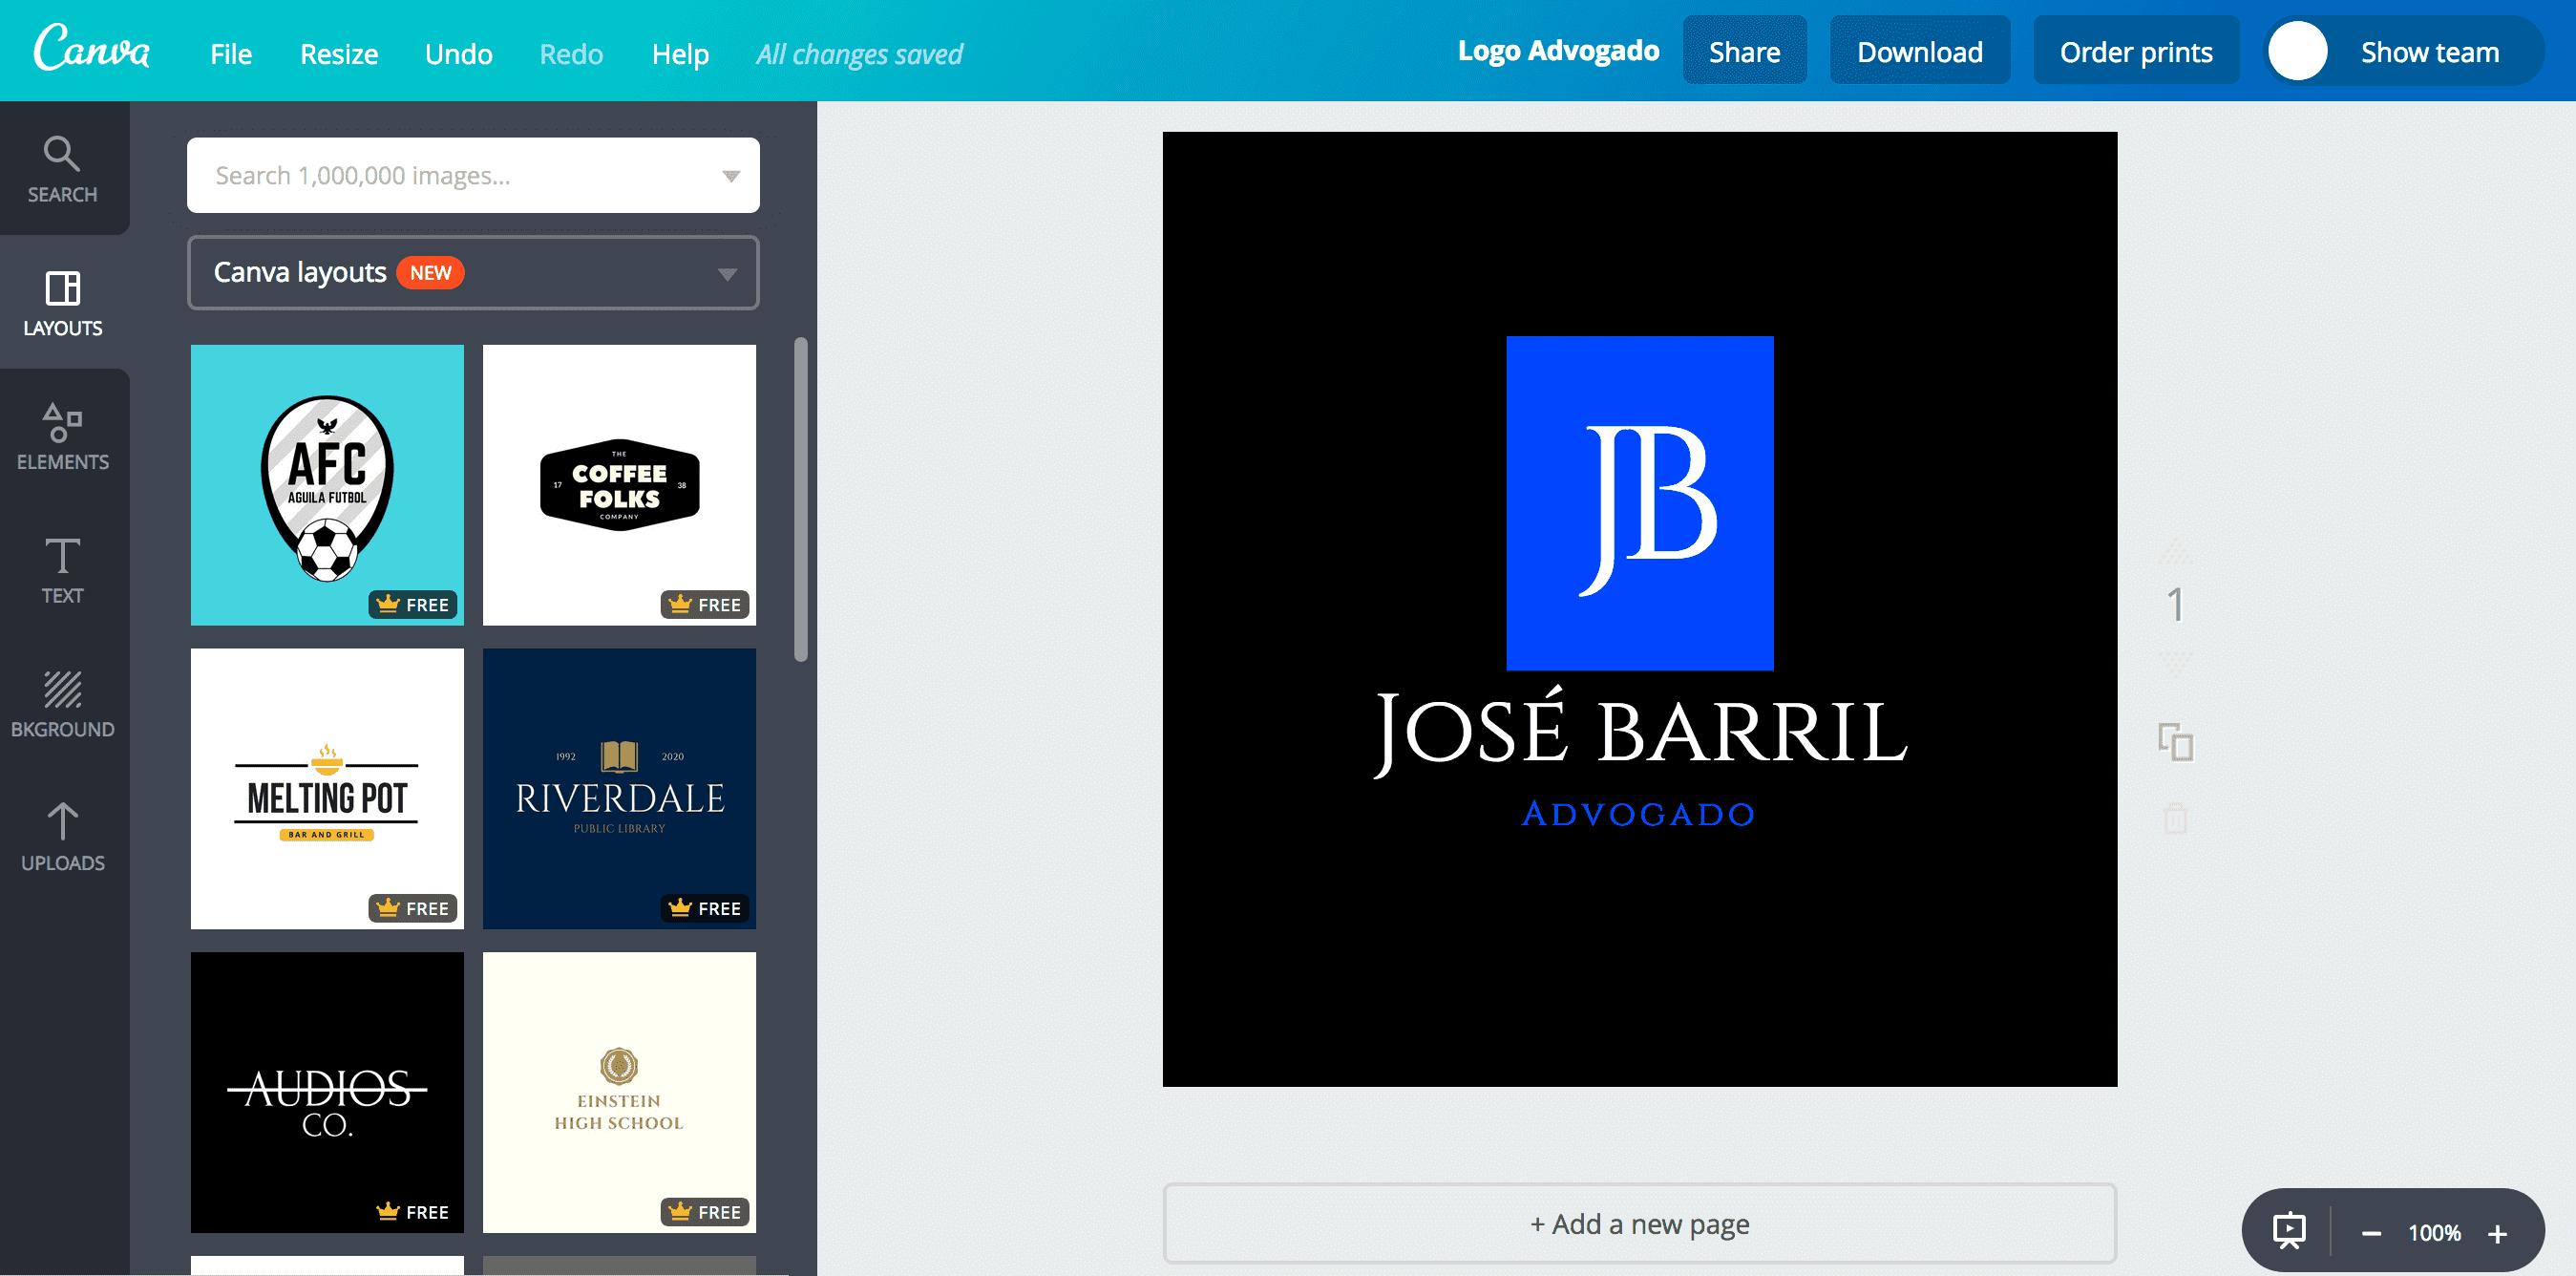 Logo de advogado